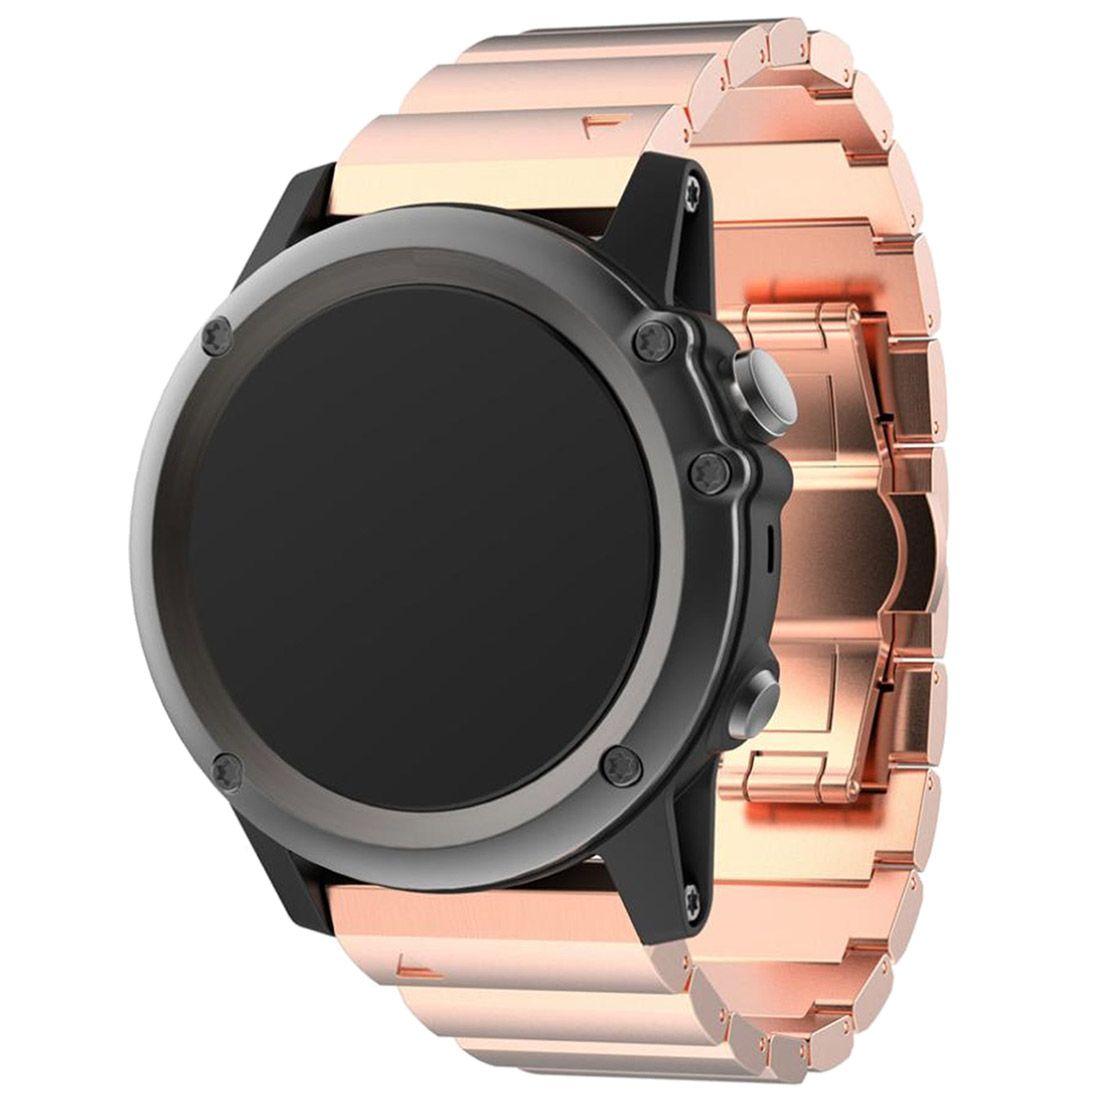 Garmin s2 wristband